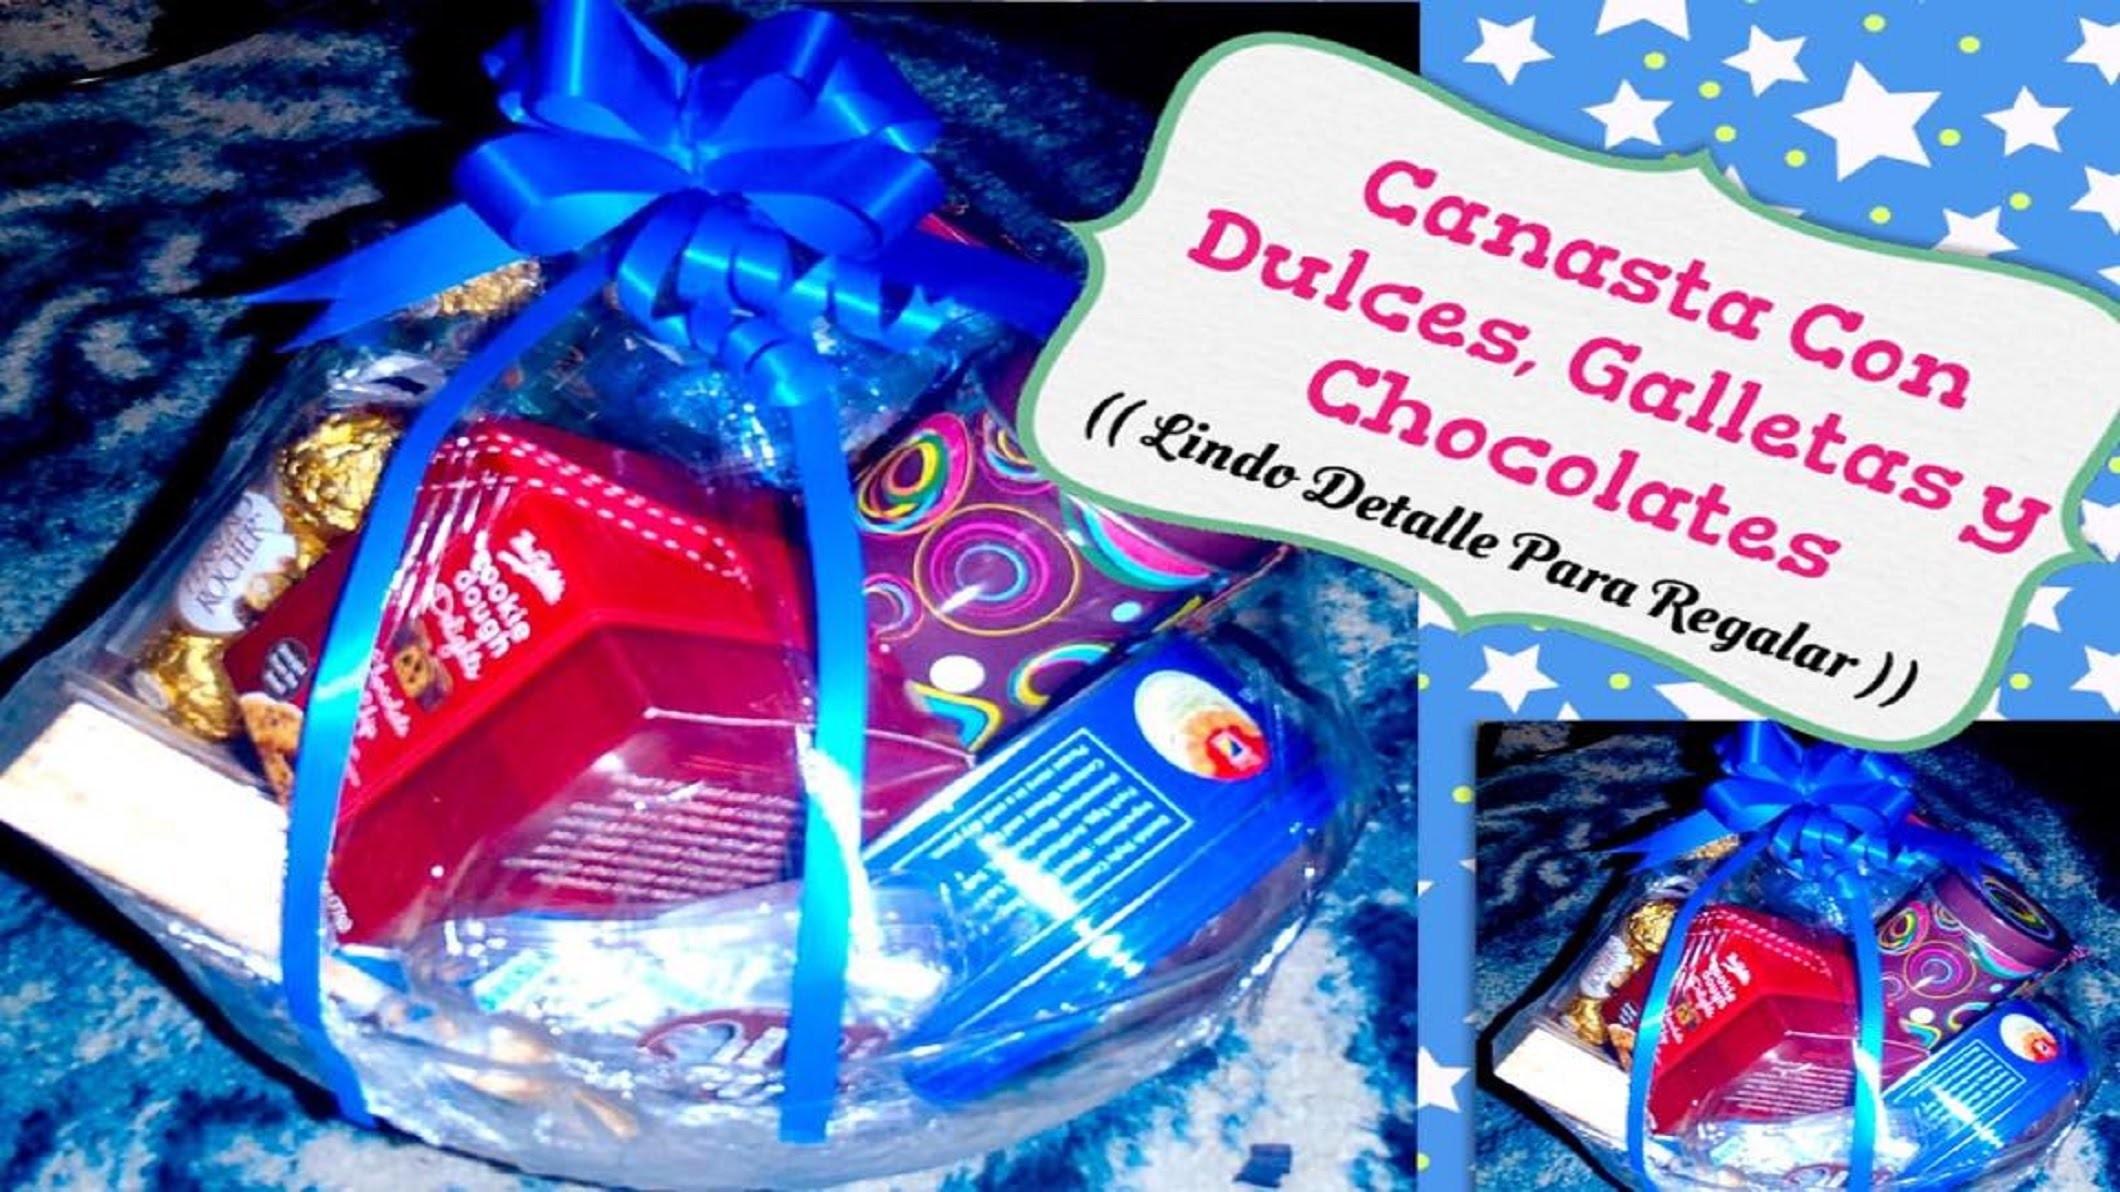 Canasta Con Dulces, Galletas y Chocolates (( Lindo Detalle Para Regalar ))